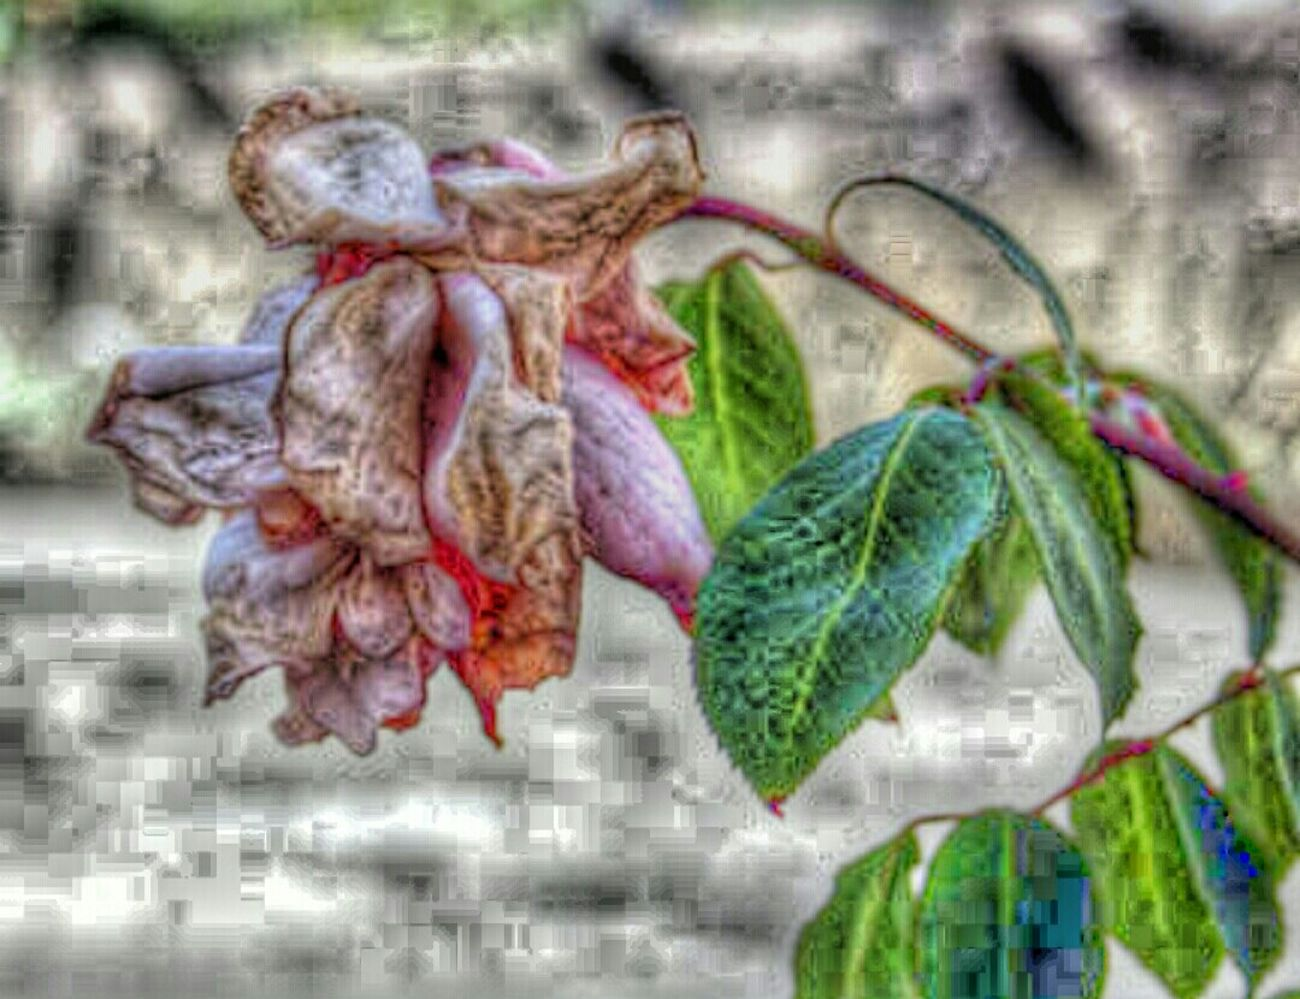 Flowers Sadflowers Nature Died Died Flowers Wilted Flower Wilted Rose Wiltedrose Wiltedlife